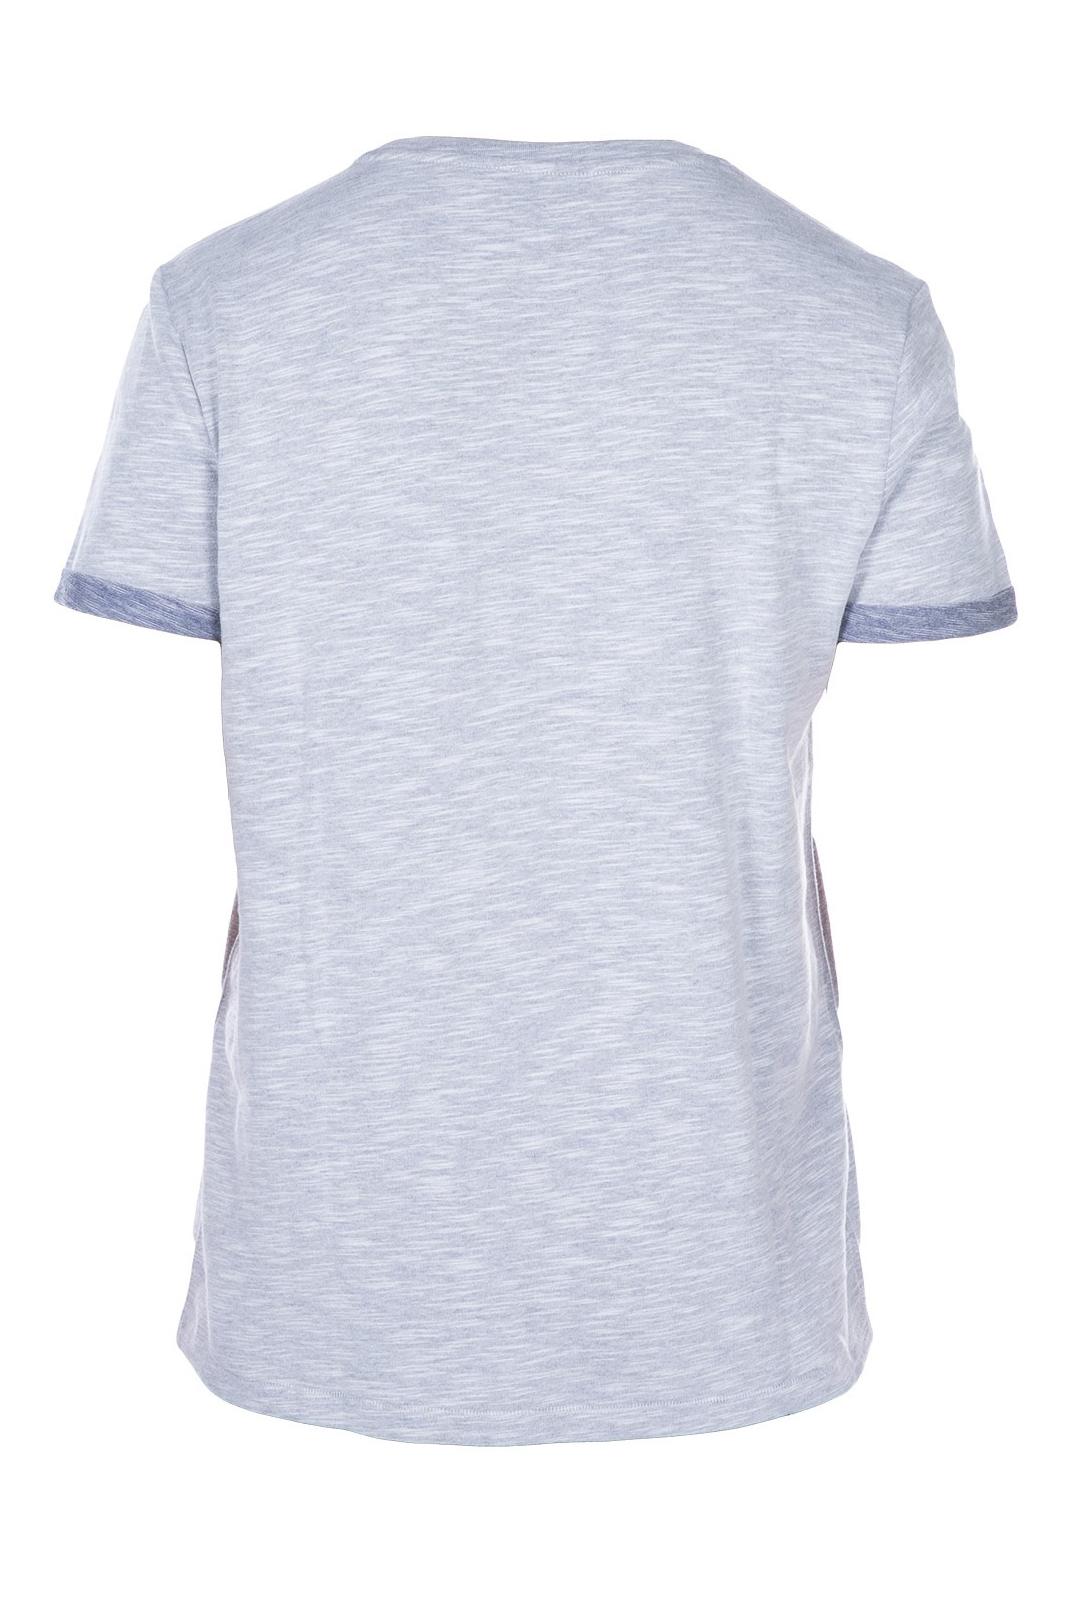 Tee-shirts manches courtes  Deeluxe WELDOM BLEU